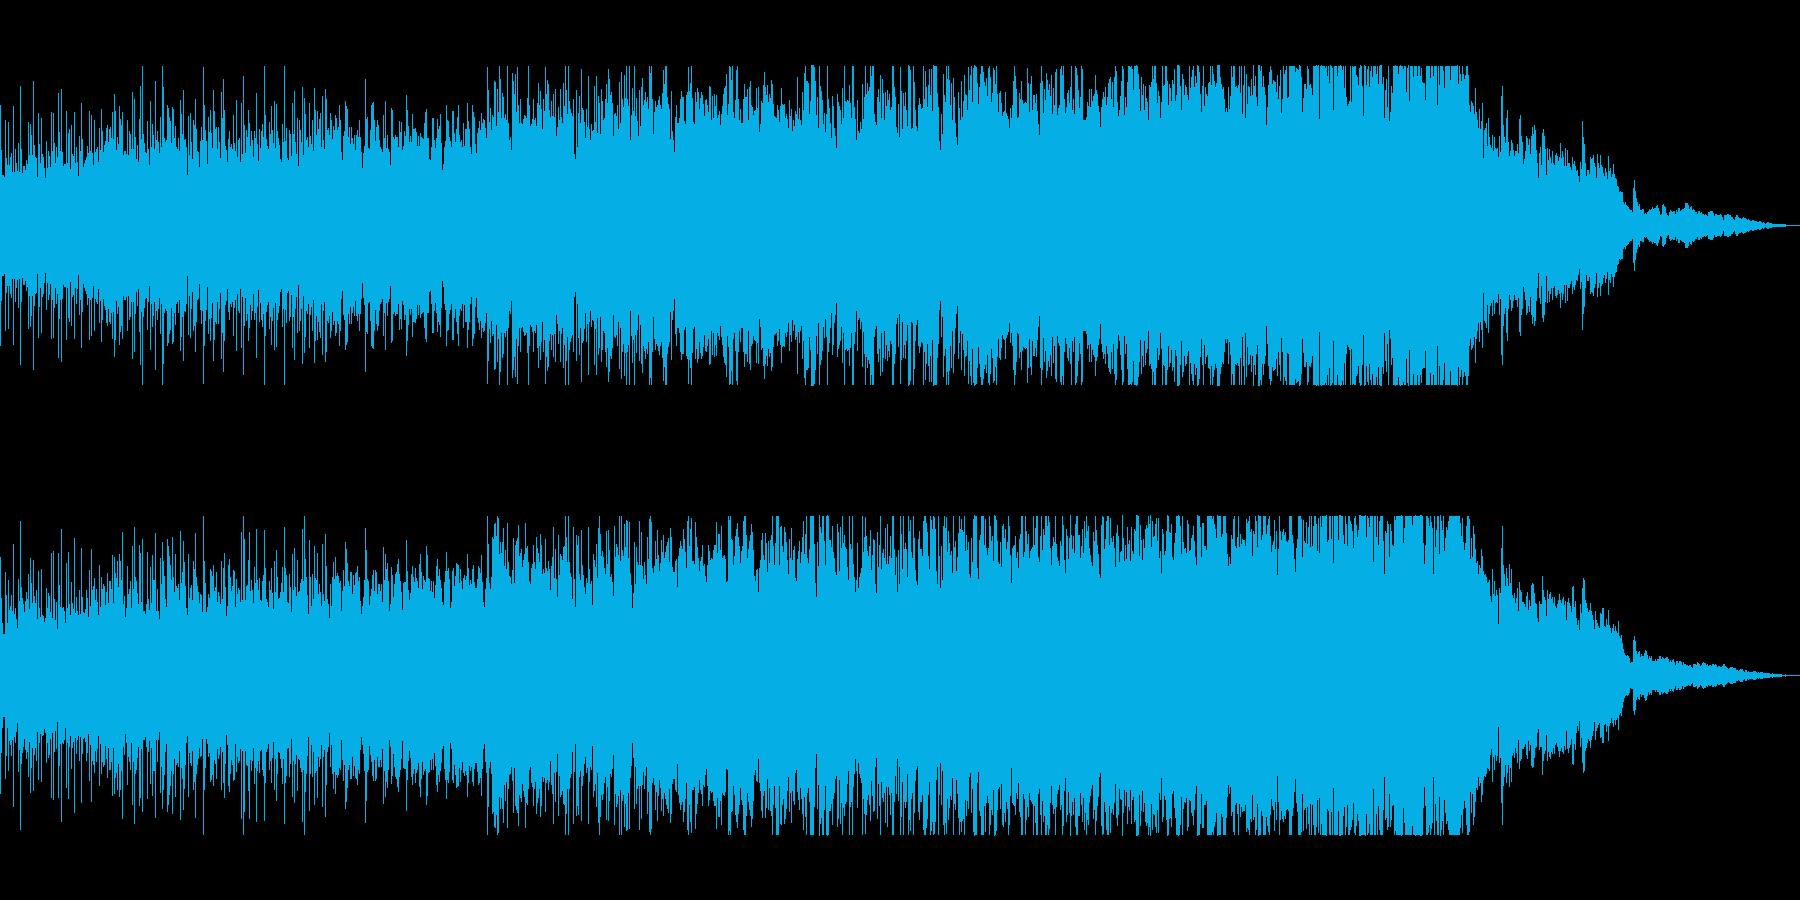 宇宙や近未来感のピアノシンセサウンドの再生済みの波形